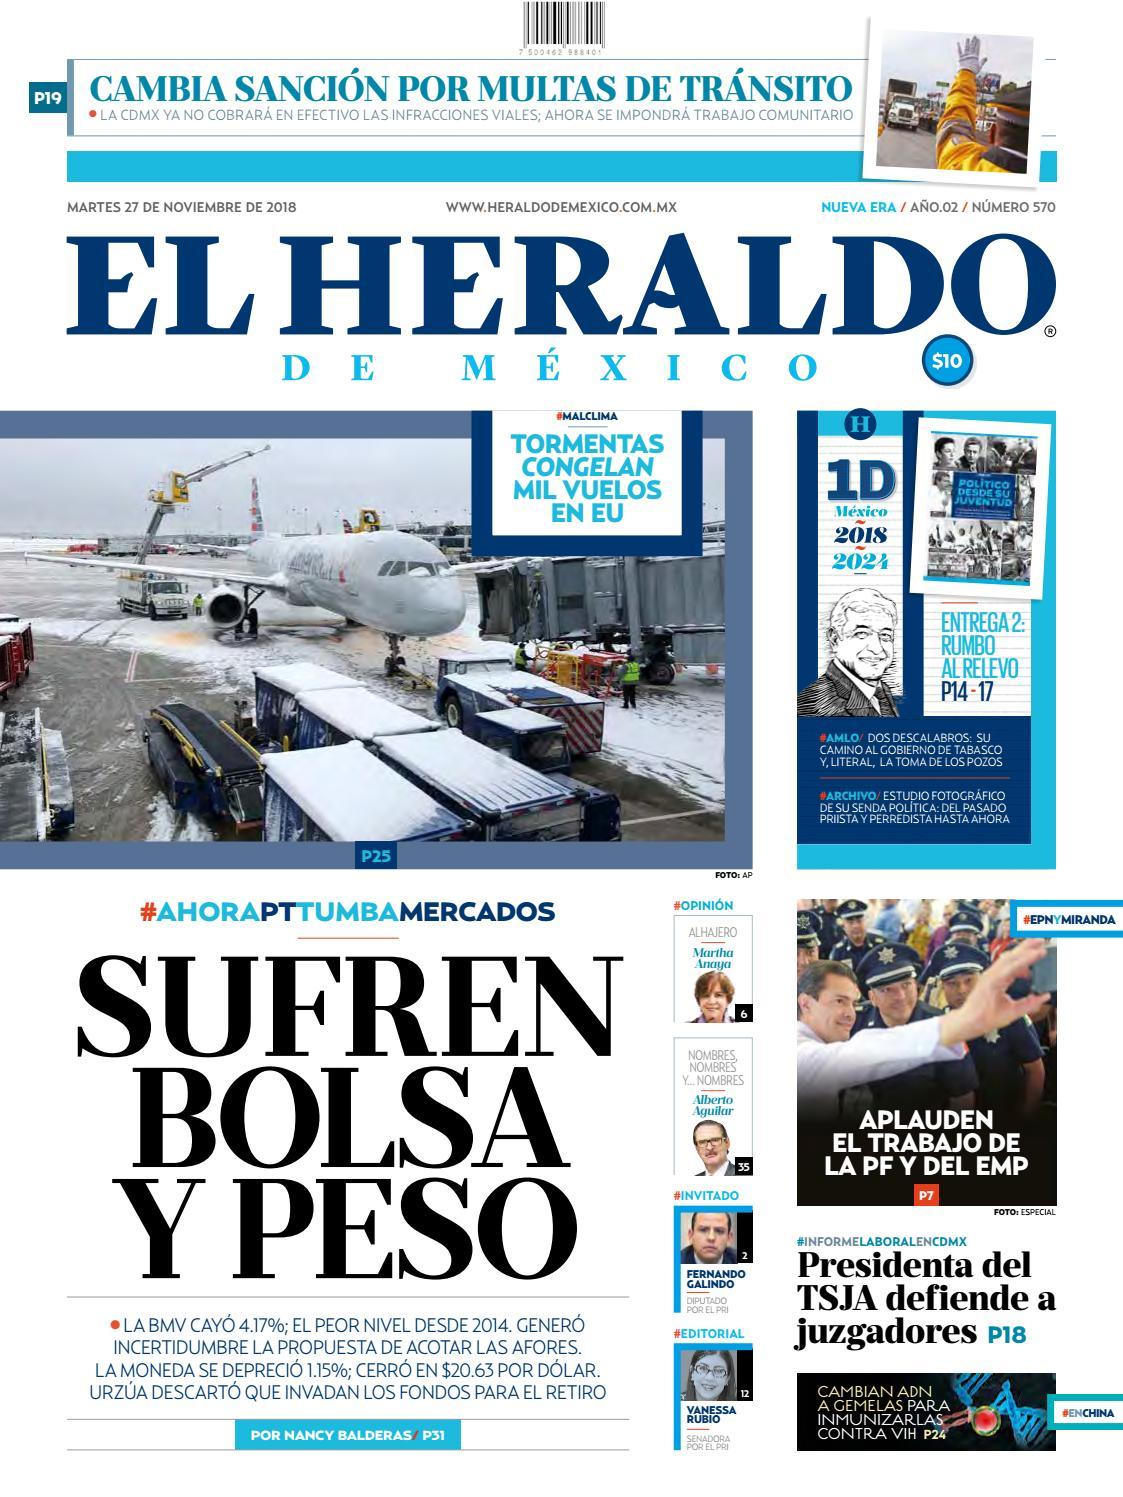 27 noviembre de 2018 by El Heraldo de México - issuu f2932ba8a40